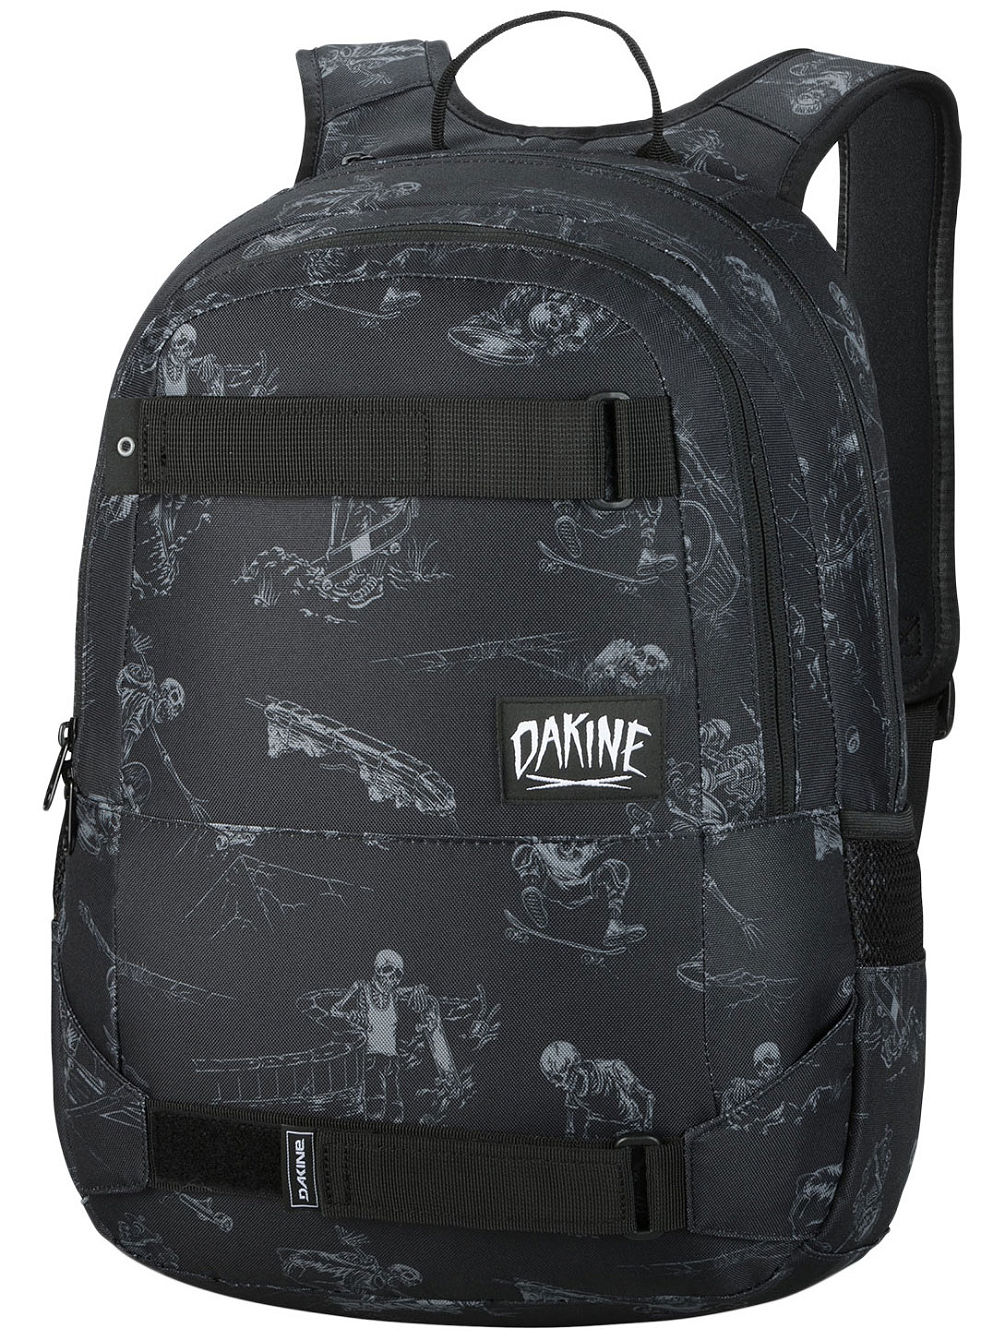 dakine-option-27l-backpack